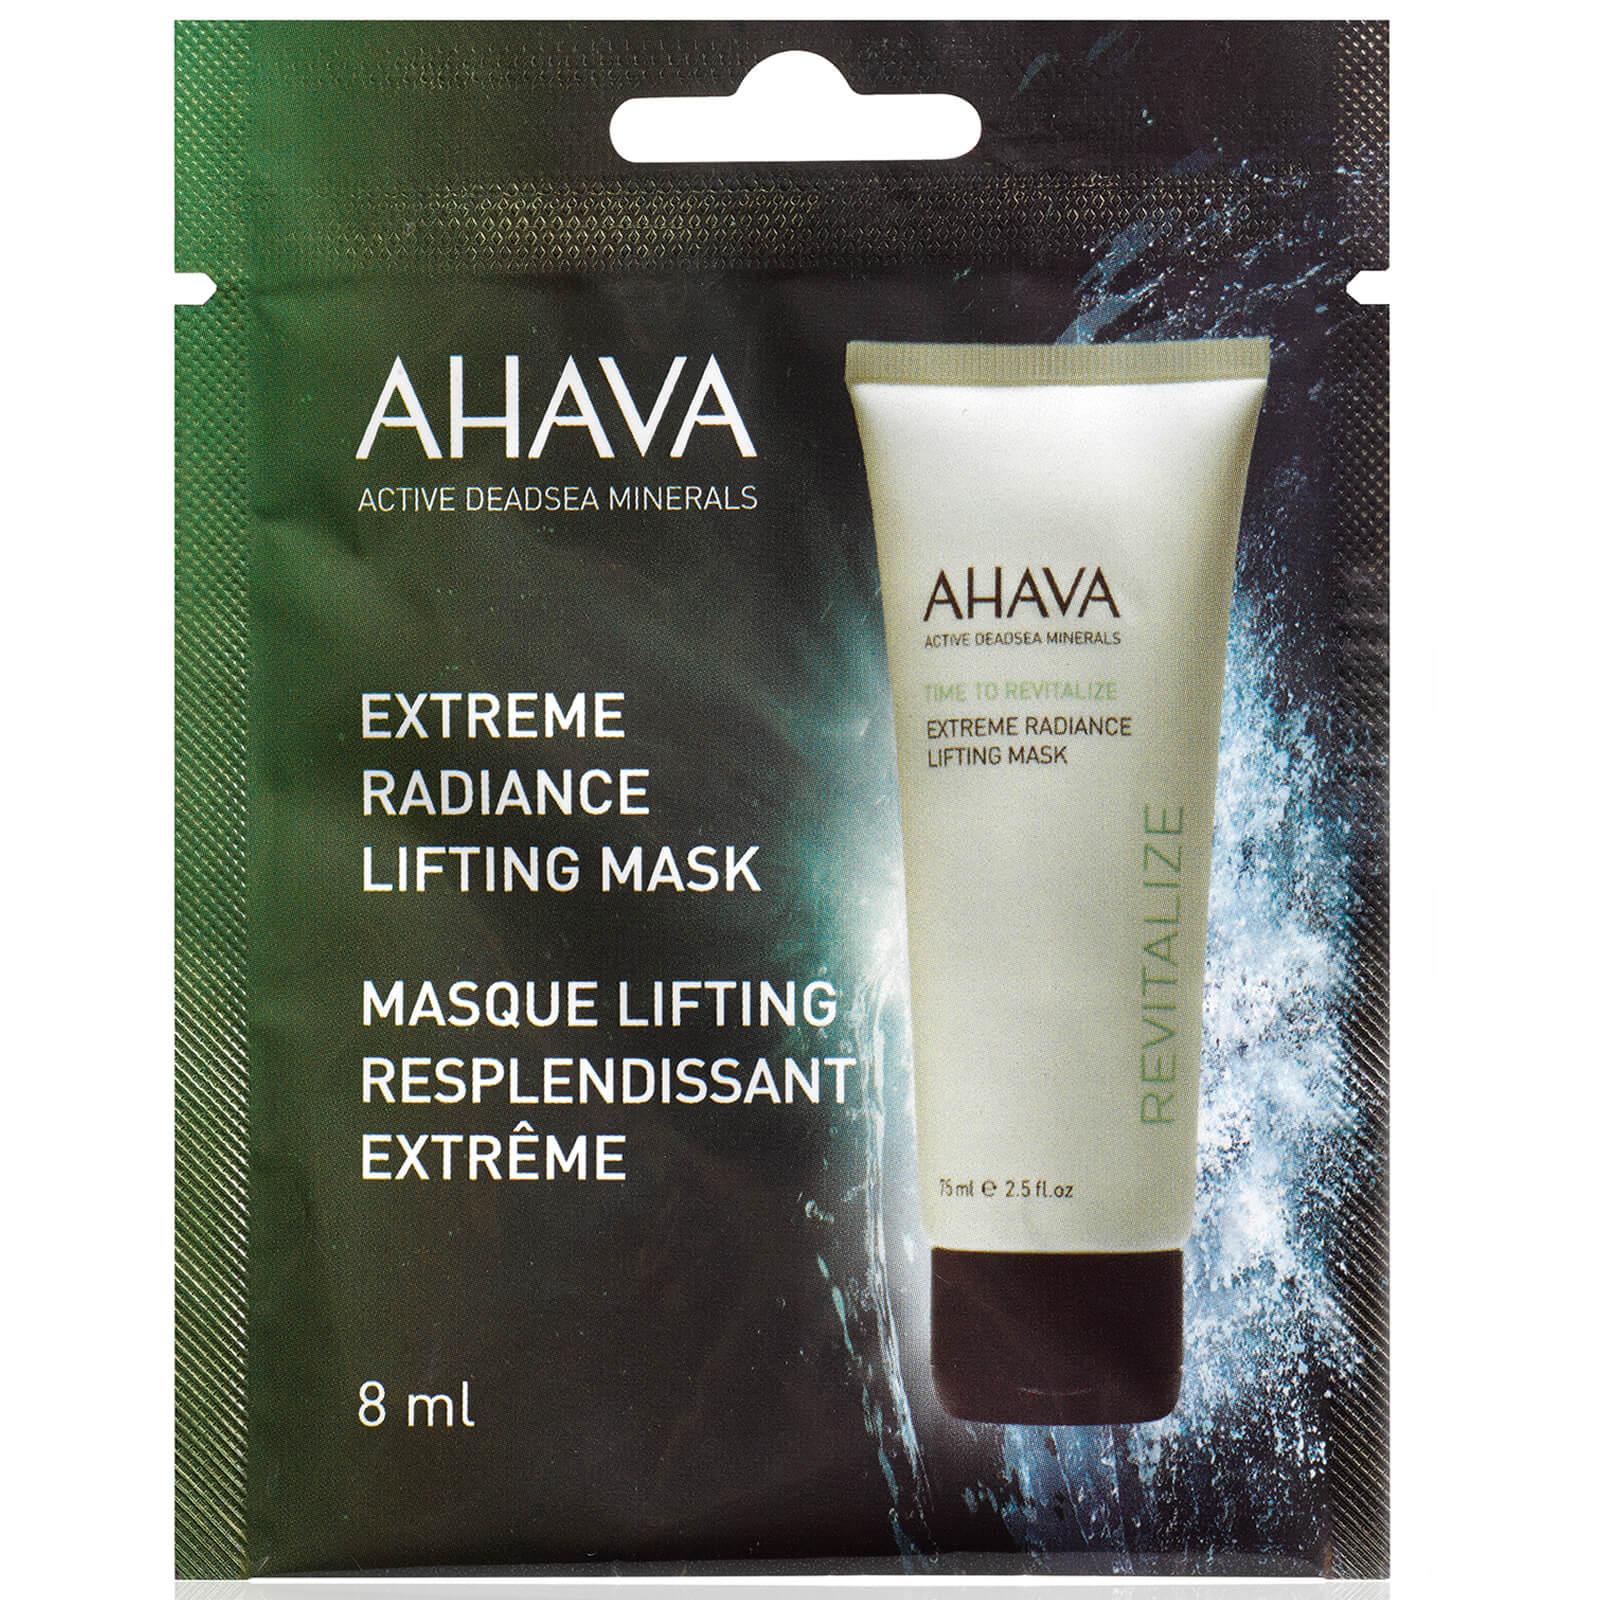 AHAVA Single Use Extreme Radiance Lifting 8ml